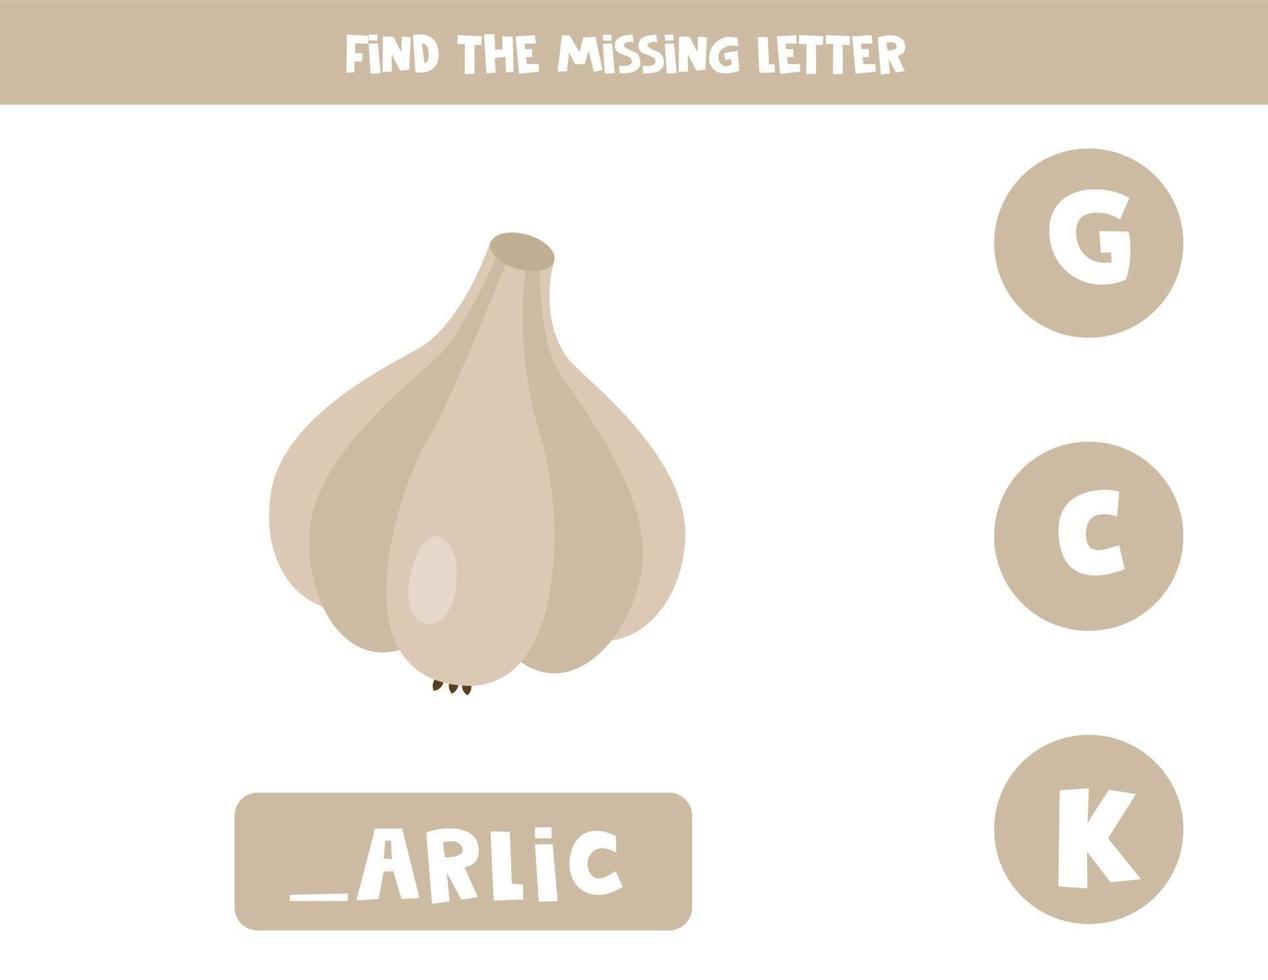 hitta saknat brev och skriv ner det. söt tecknad vitlök. vektor